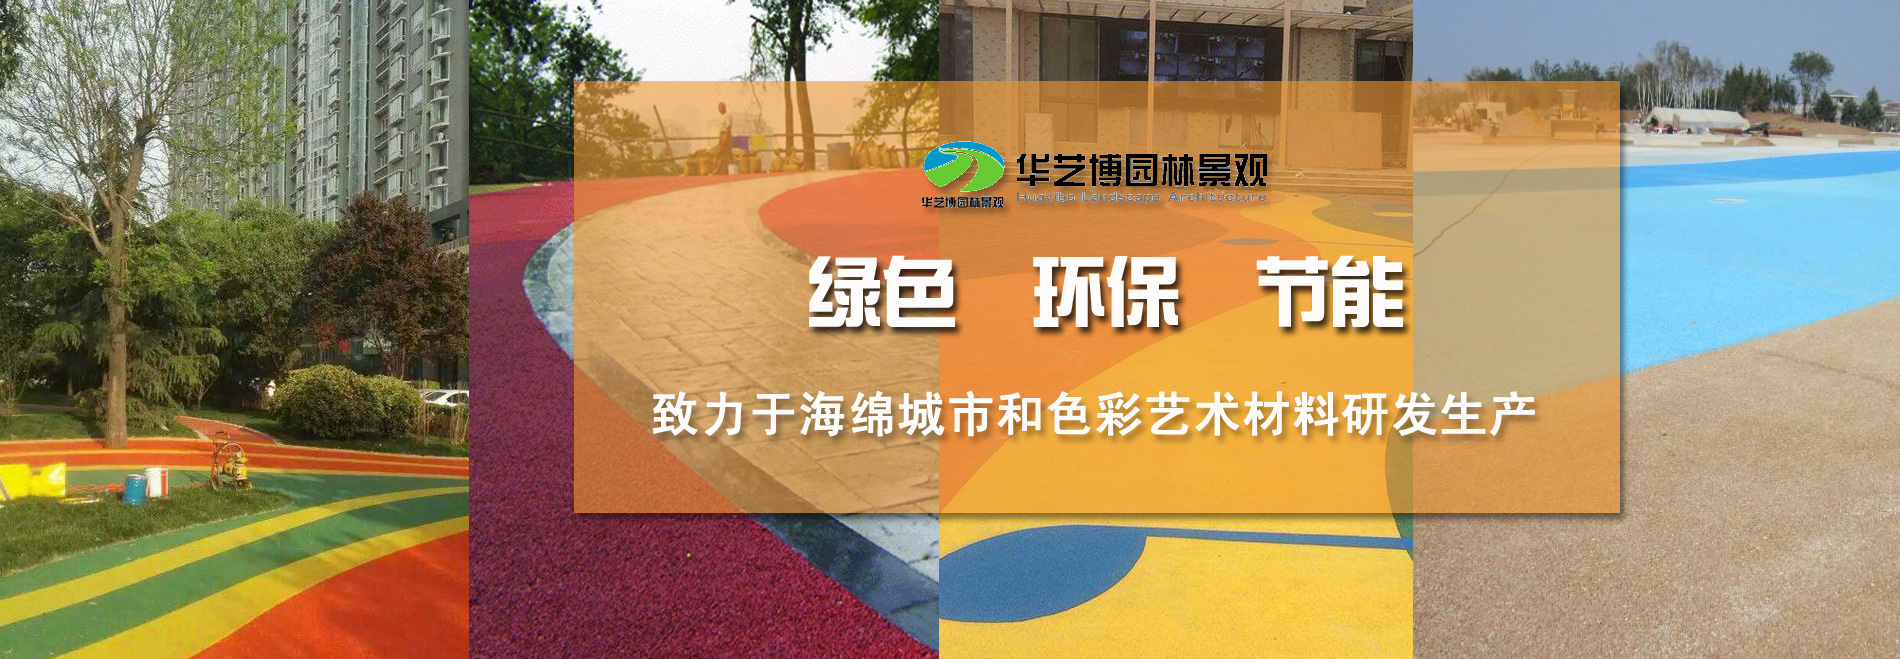 内蒙古亚博体育苹果app亚博游戏平台